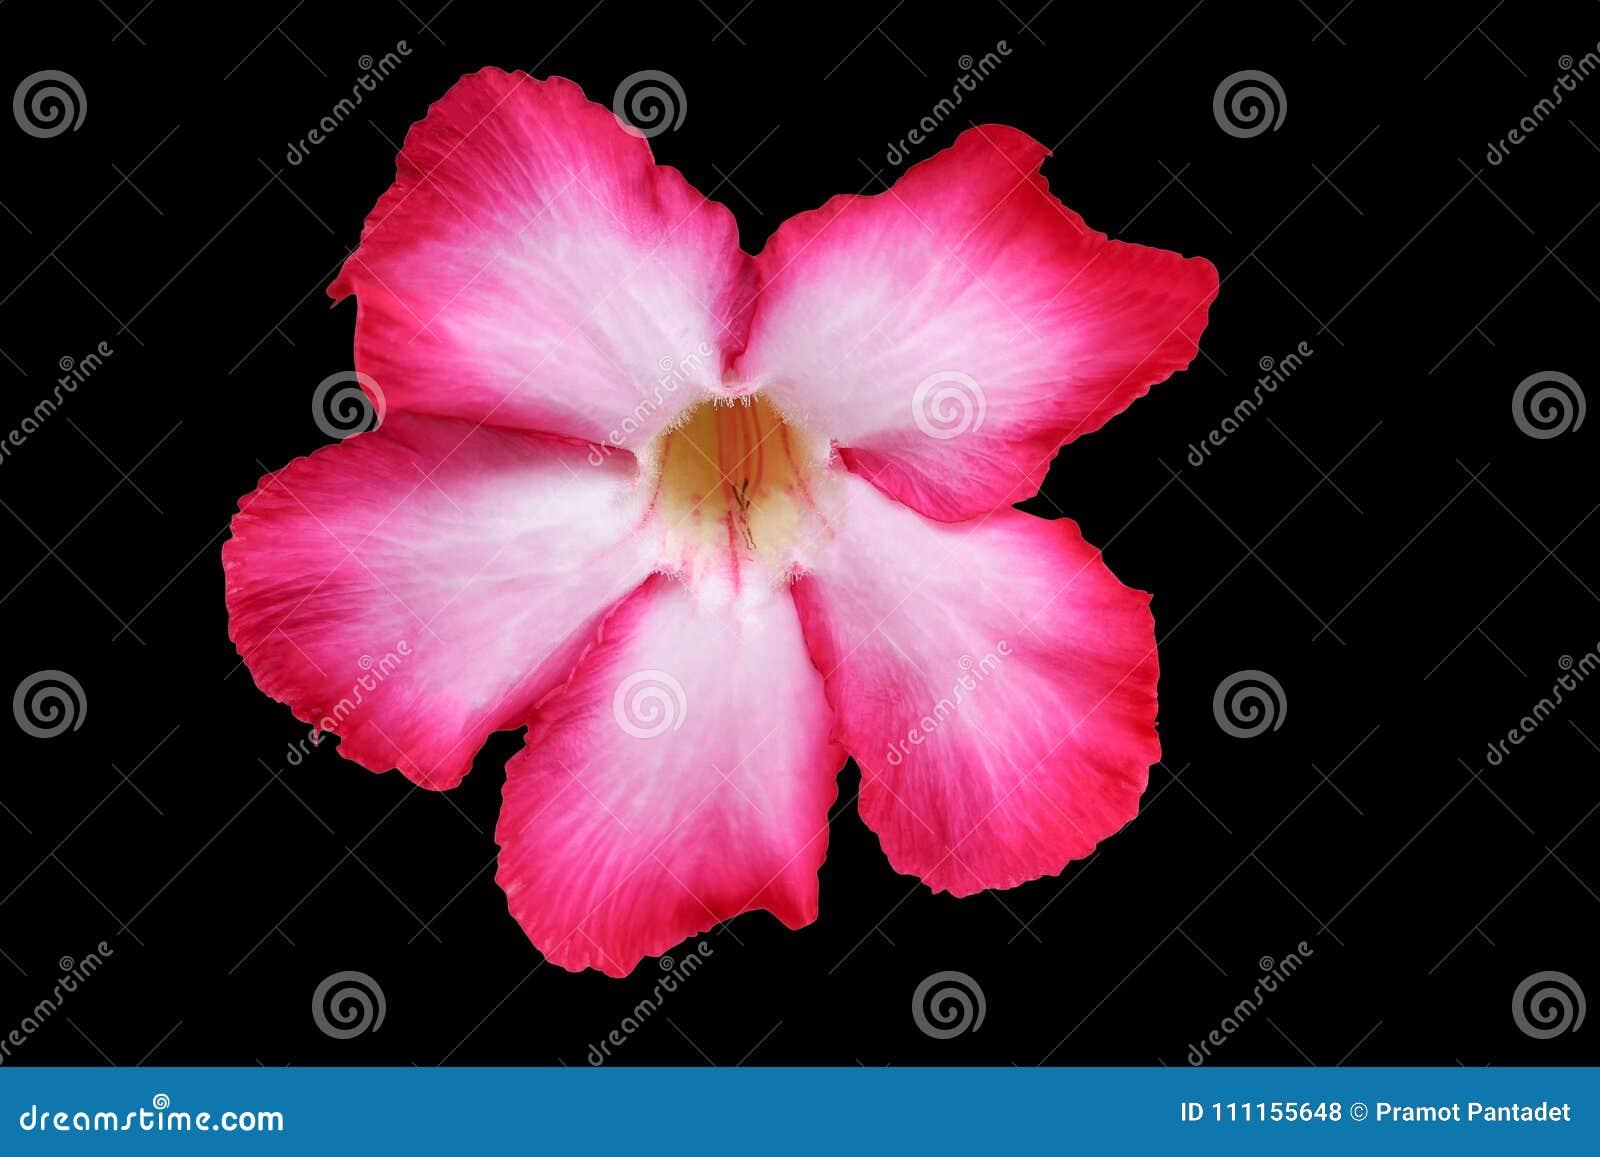 Rosa hermoso de la flor o del lirio de Rose de desierto en la trayectoria negra del fondo y de recortes